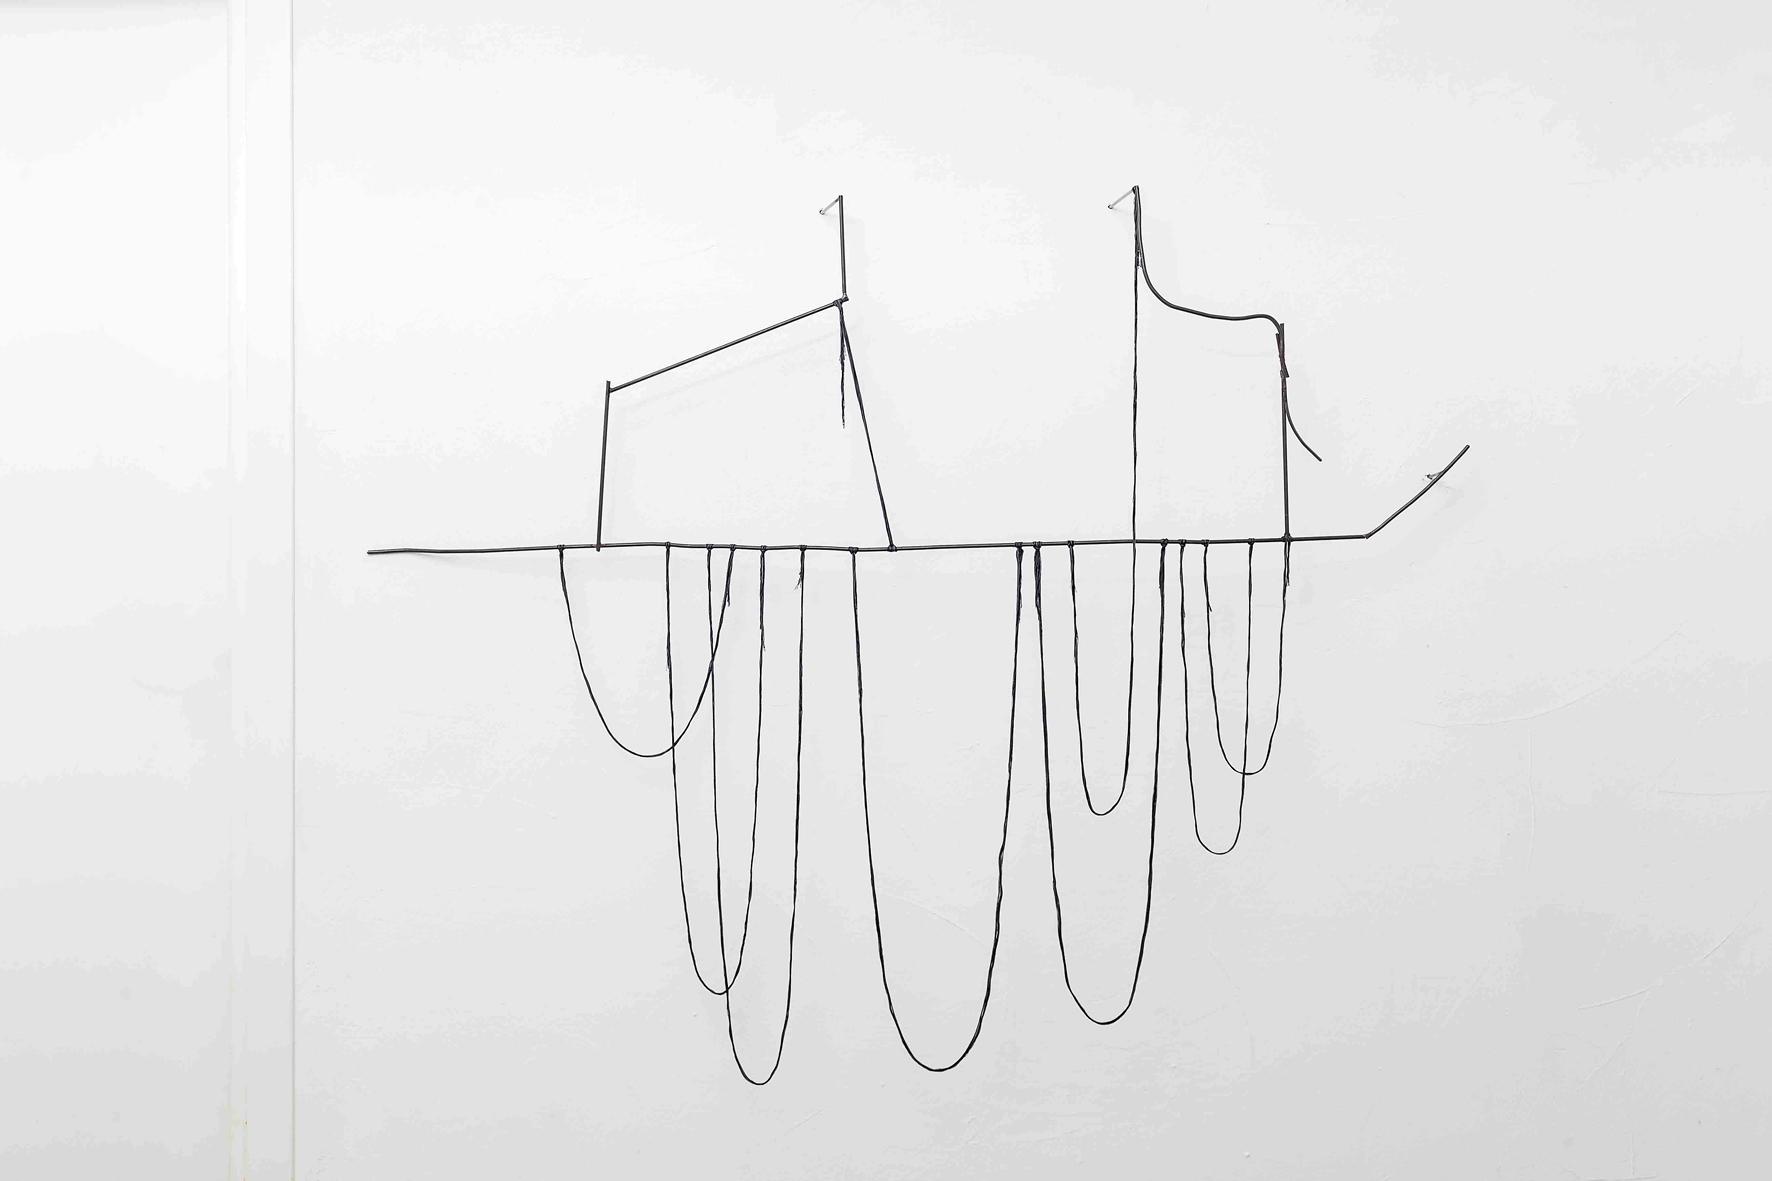 All' àncora di un corrimano  2016, tondino di ferro e filo di cotone, cm 173x130x16  Composto da tondini di ferro e fili, il lavoro mette in dialogo il metallo che sostiene e il cotone che vi si adagia.